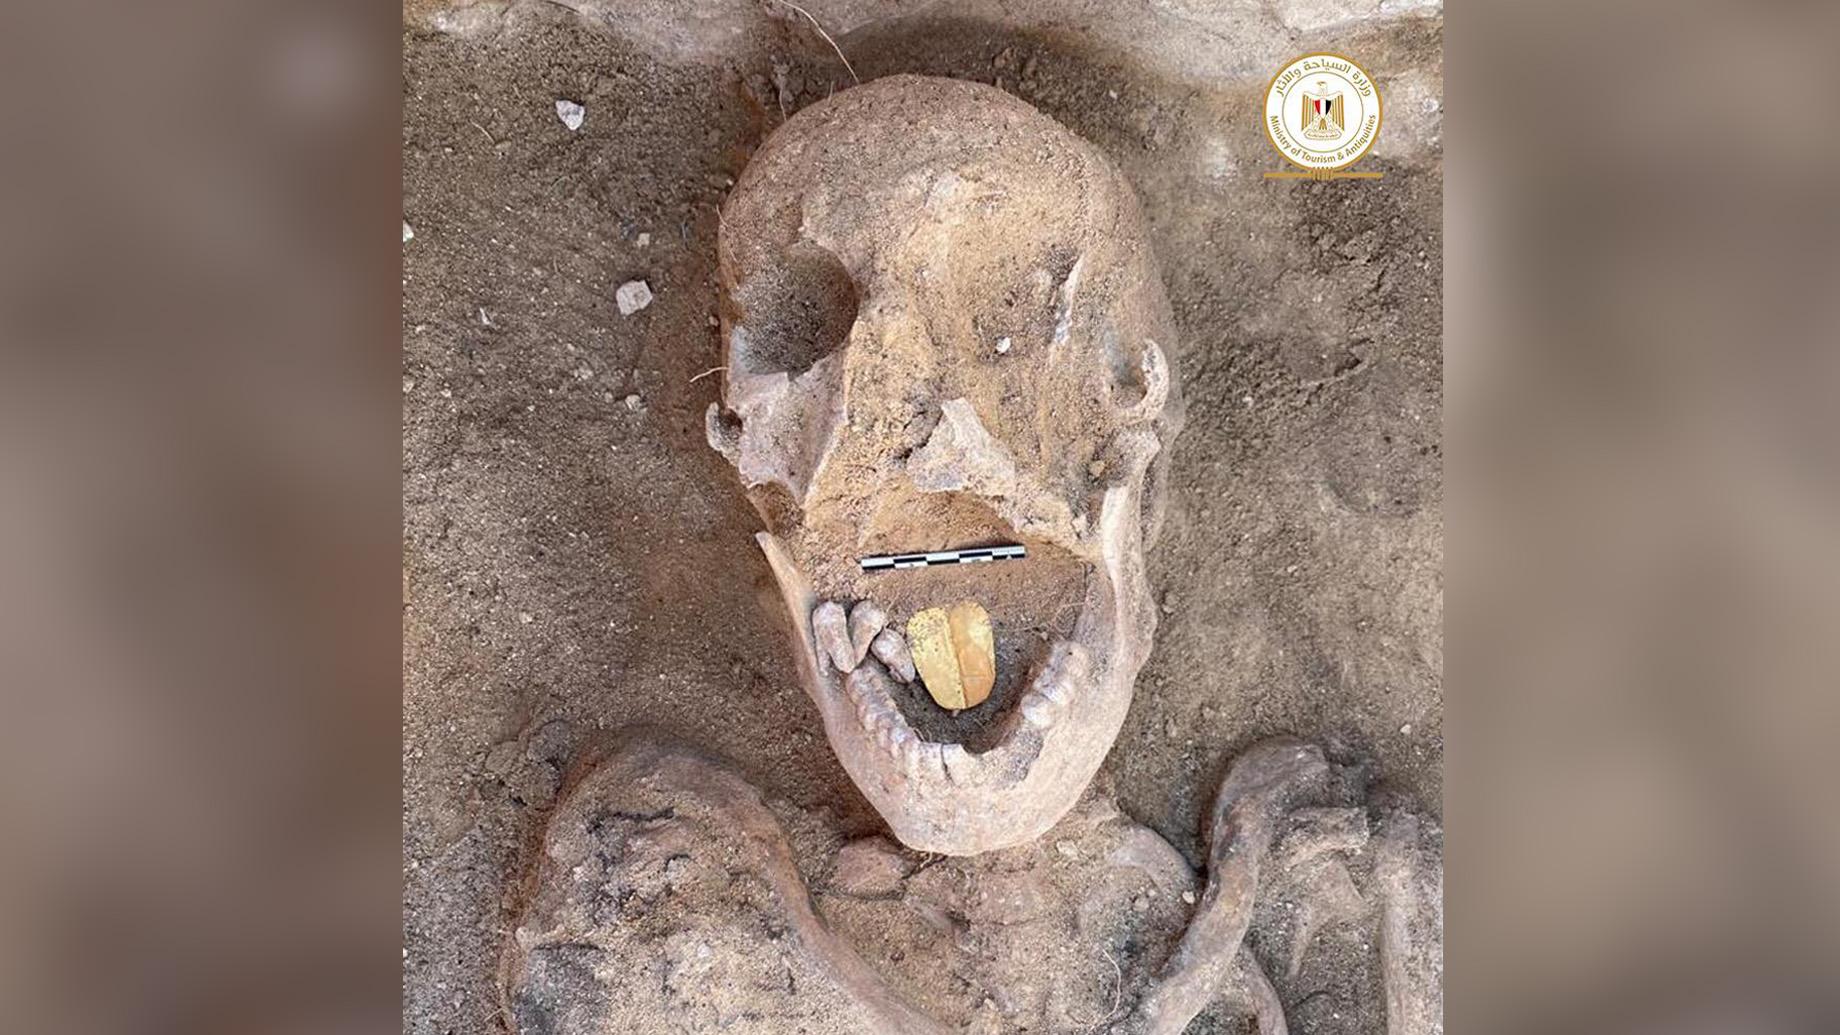 Cette momie de 2000 ans a été enterrée avec une langue dorée, susceptible d'aider le défunt à parler dans l'au-delà.